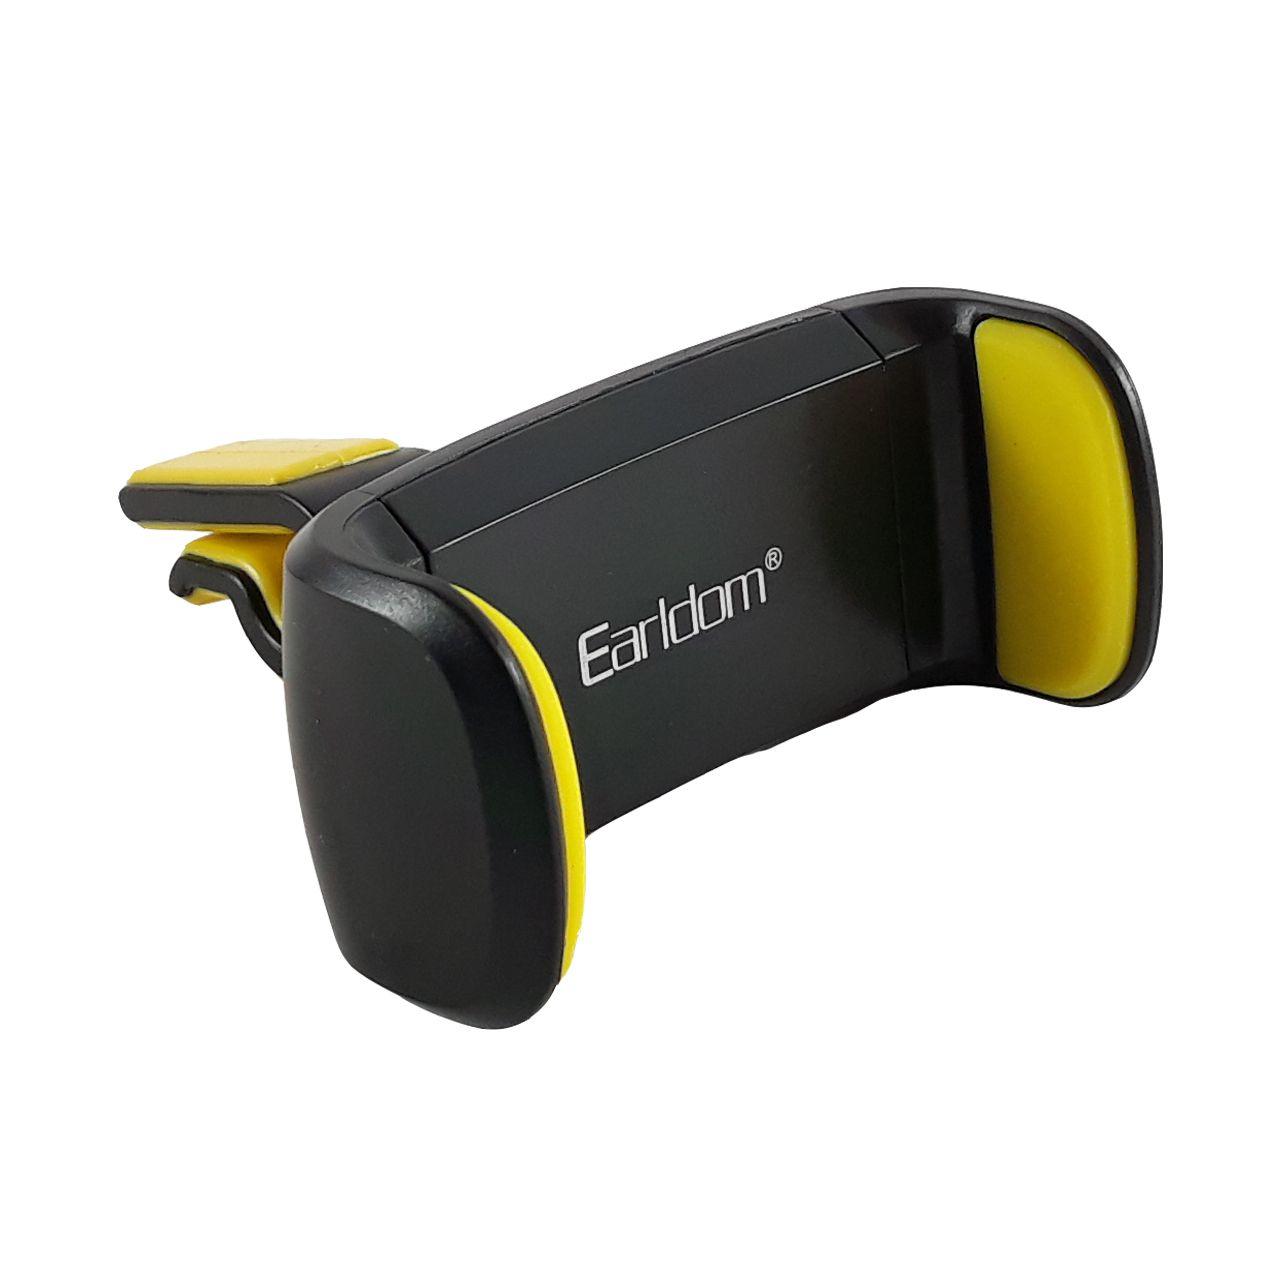 پایه نگهدارنده گوشی موبایل ارلدوم مدل EH-08 دریچه کولری